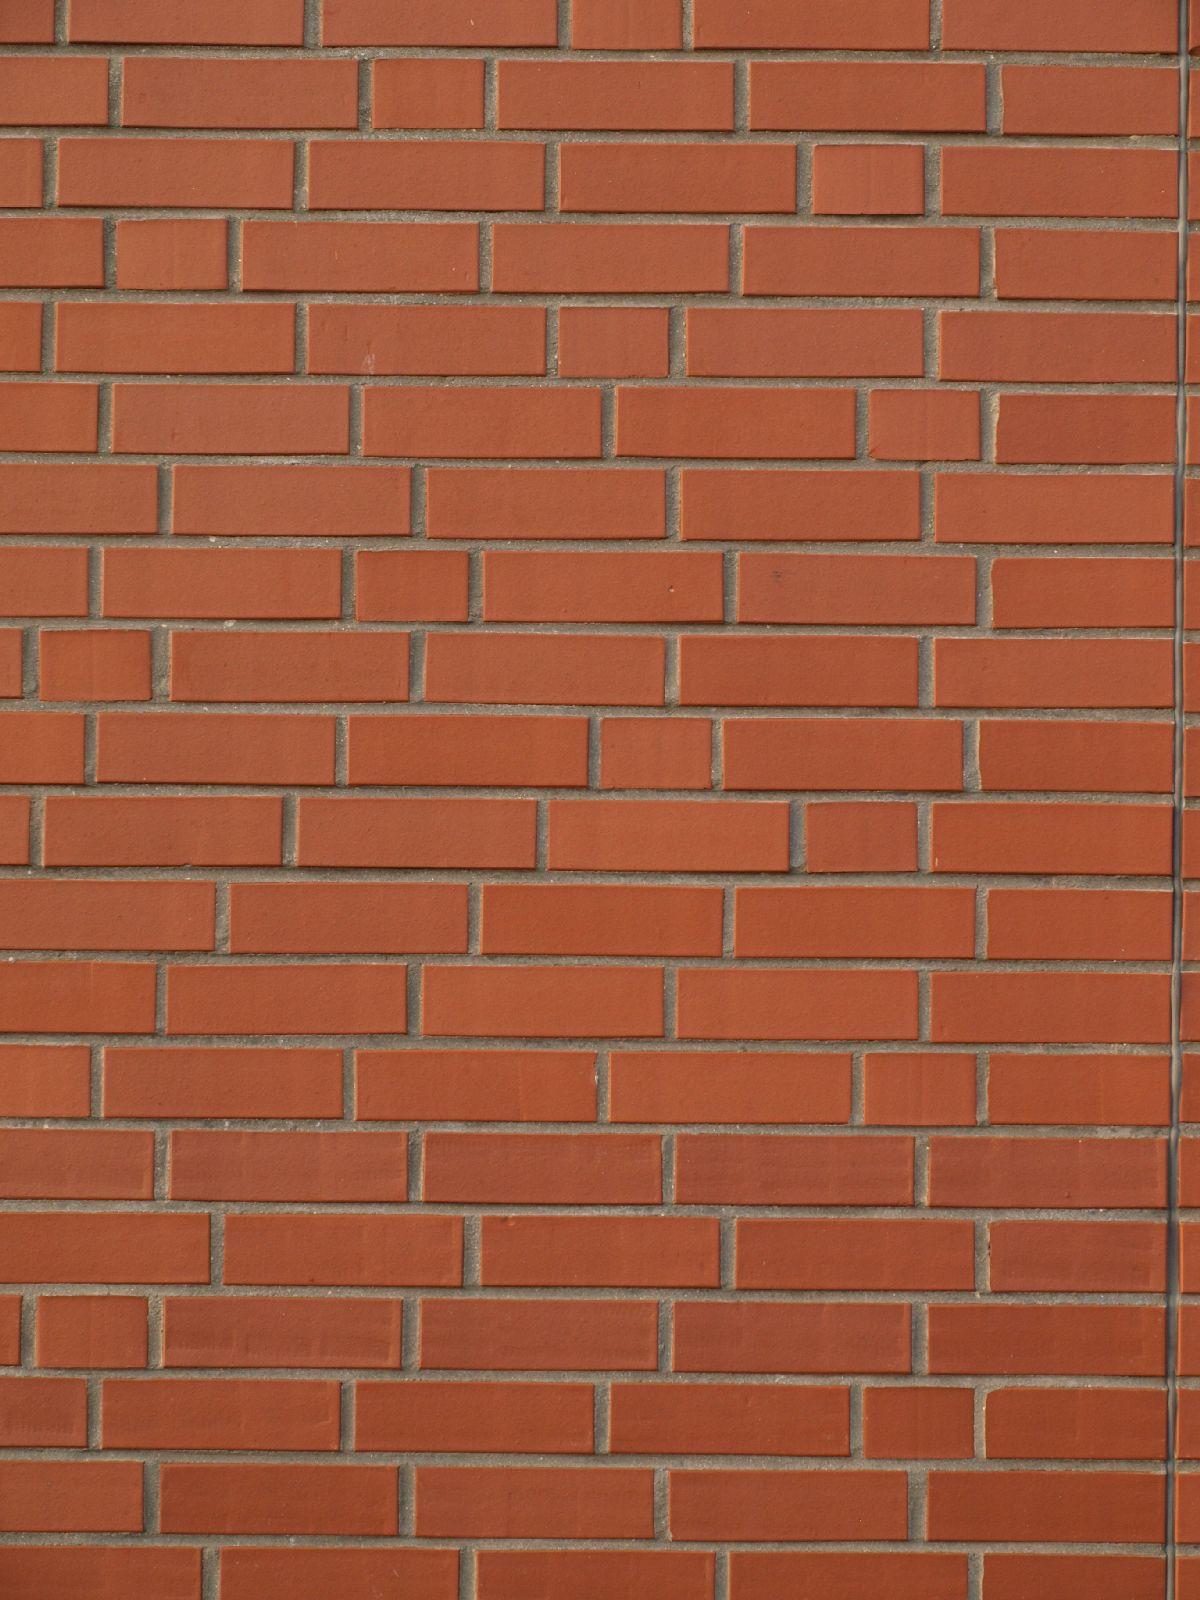 Wand-Mauerwerk-Backstein_Textur_A_PB080983